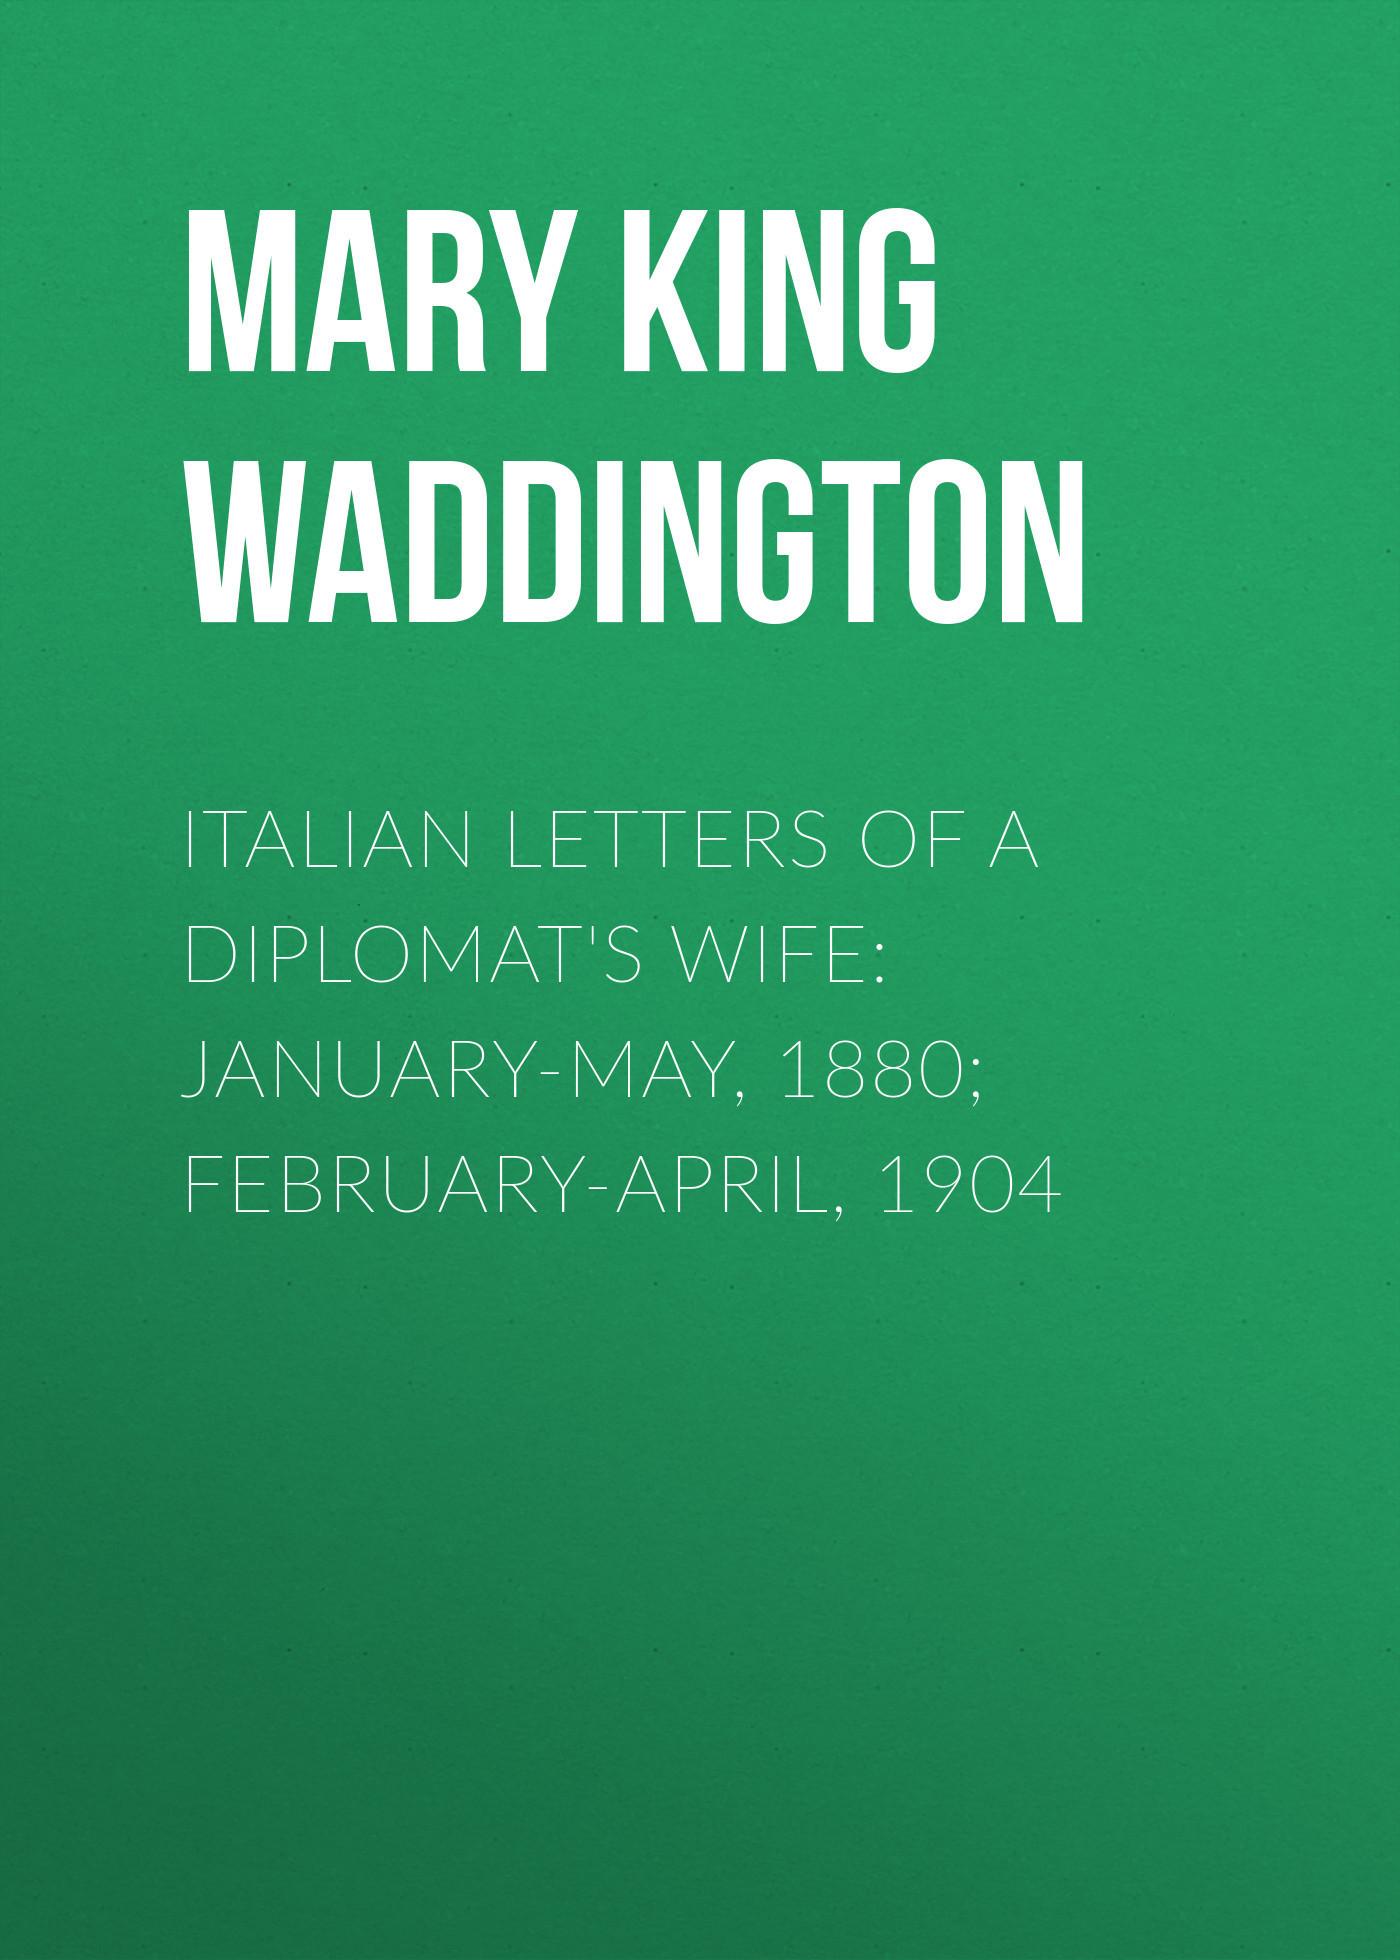 Mary King Waddington Italian Letters of a Diplomat's Wife: January-May, 1880; February-April, 1904 italian wife